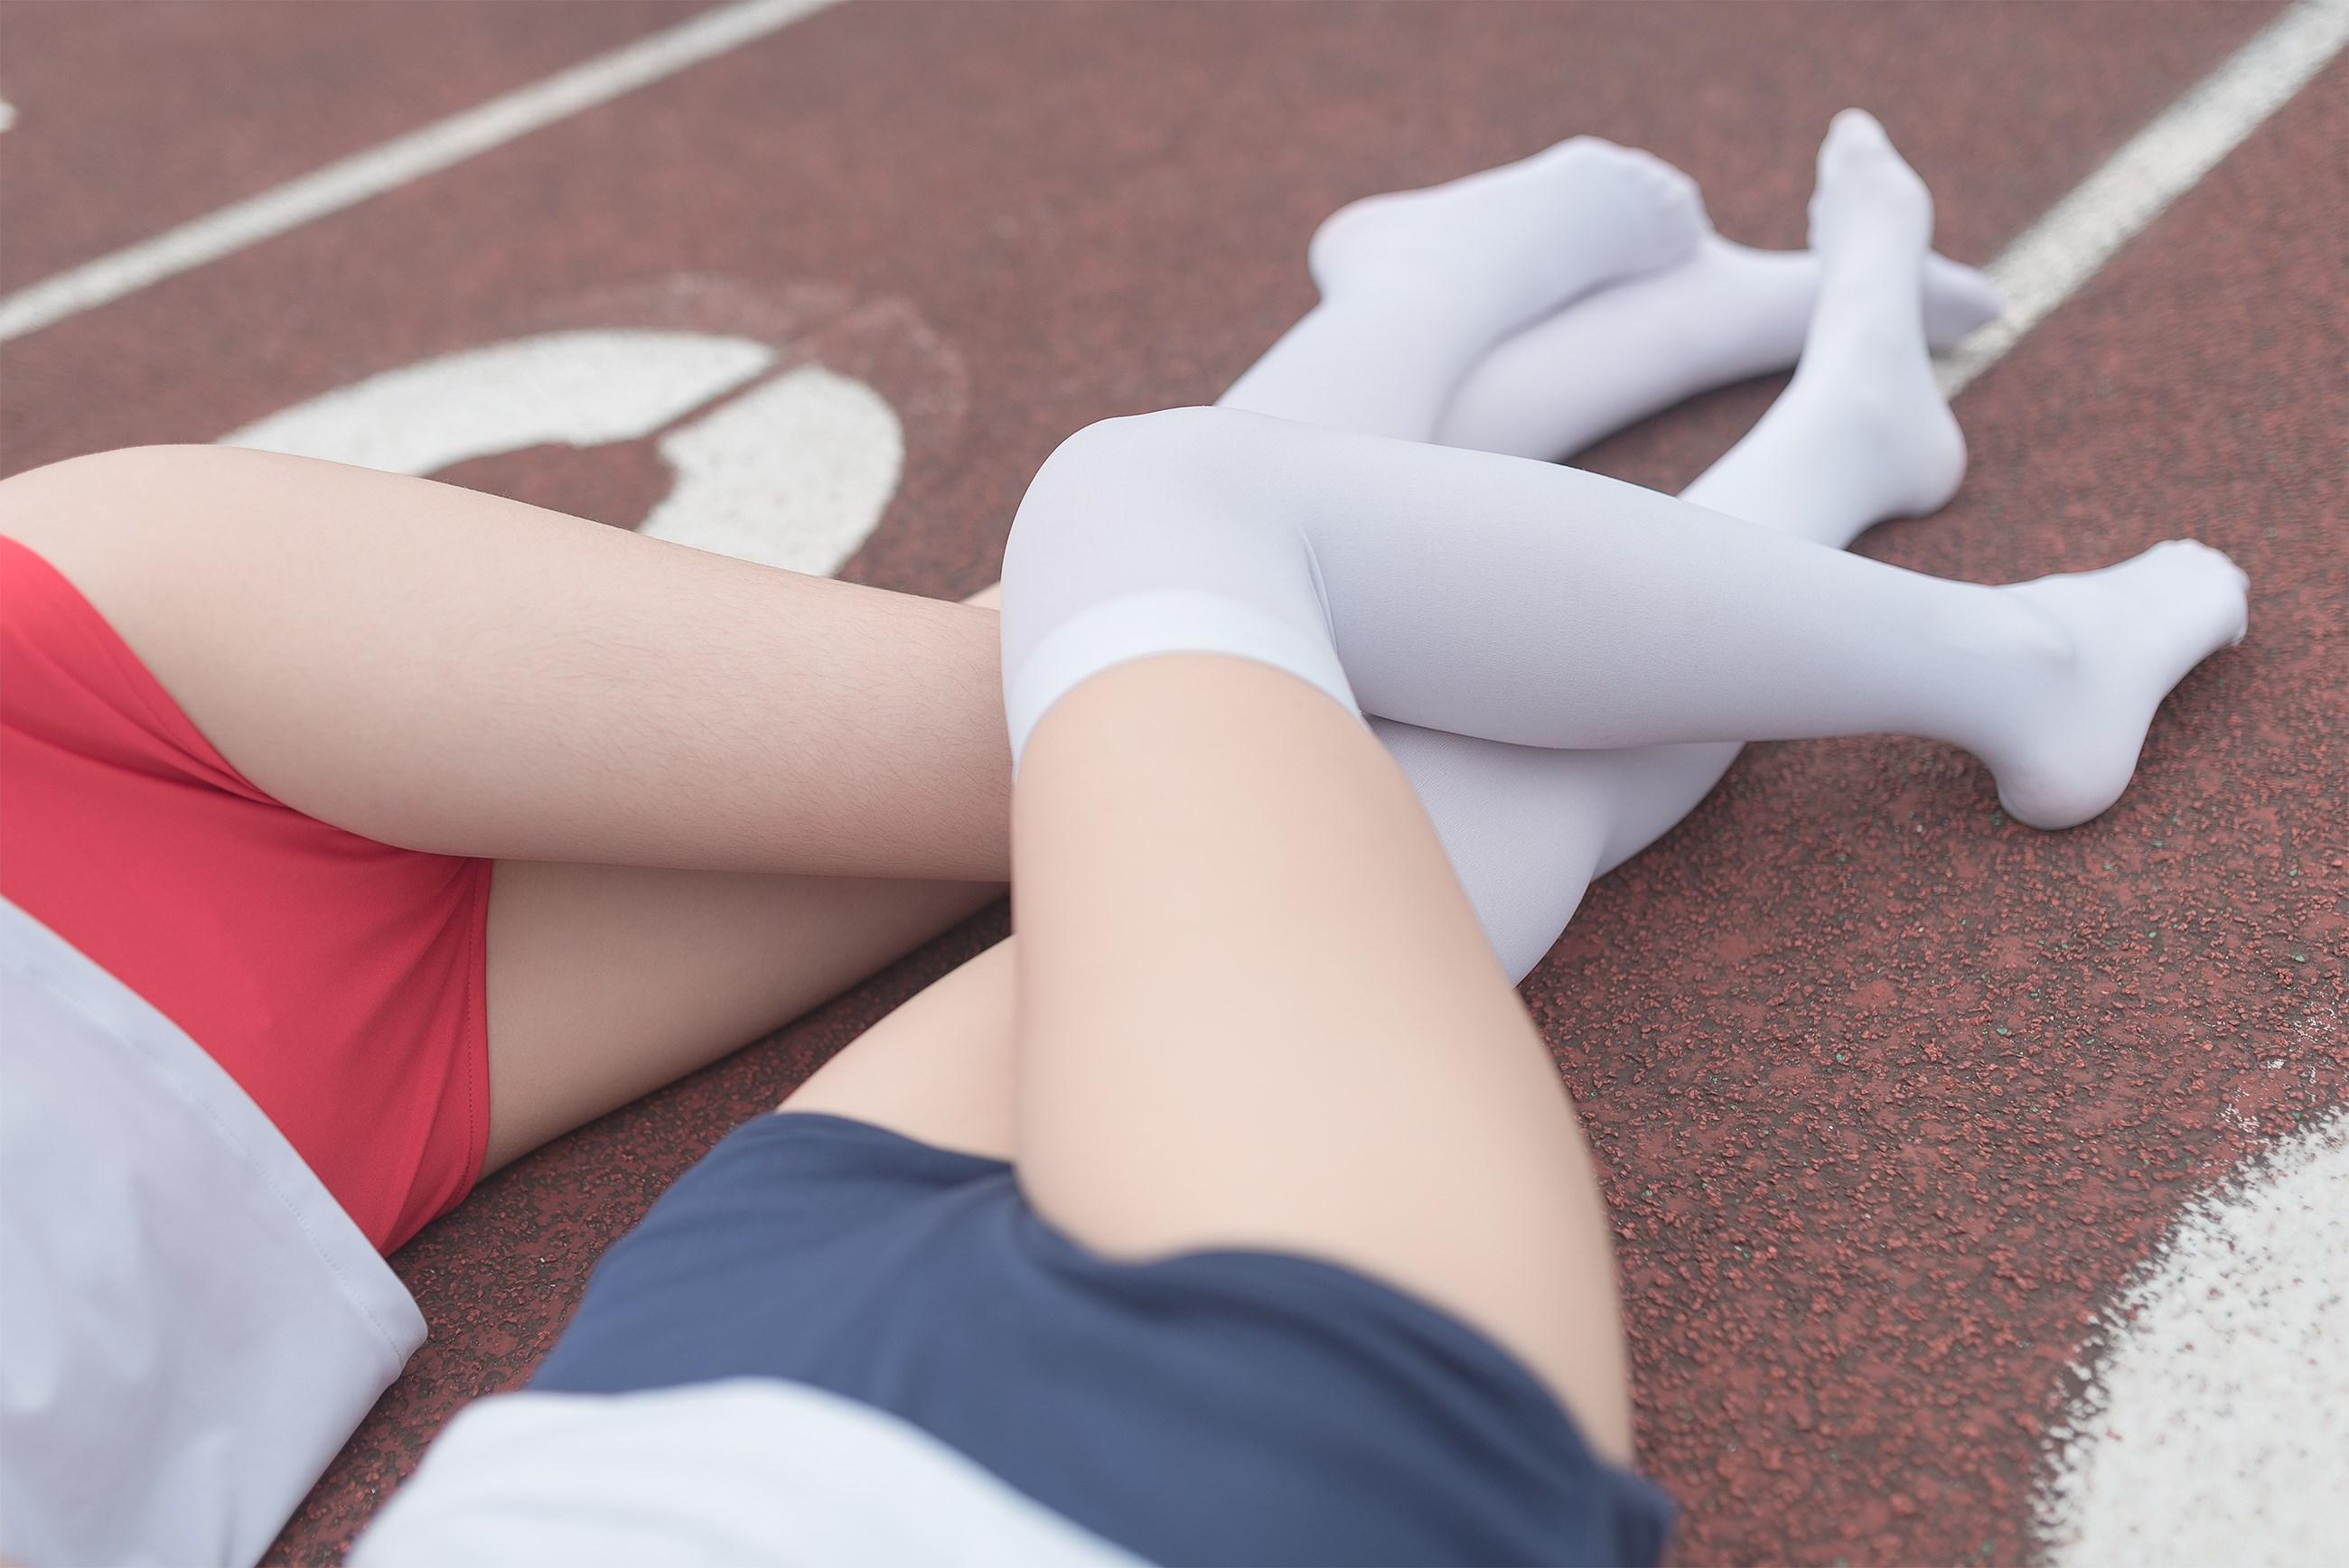 【兔玩映画】百合体操服少女 兔玩映画 第36张